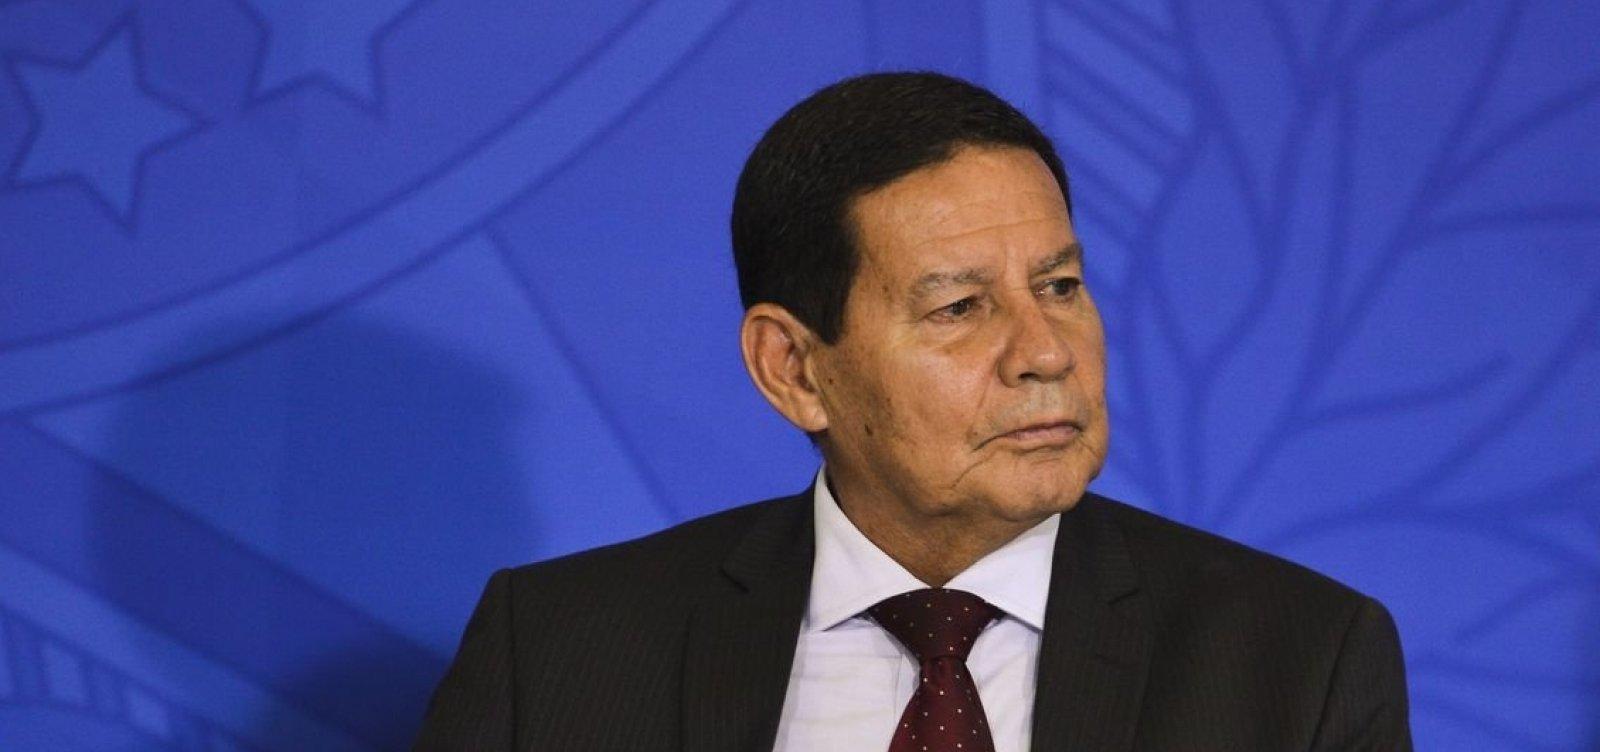 Mourão descarta possibilidade de intervenção militar do Brasil na Venezuela